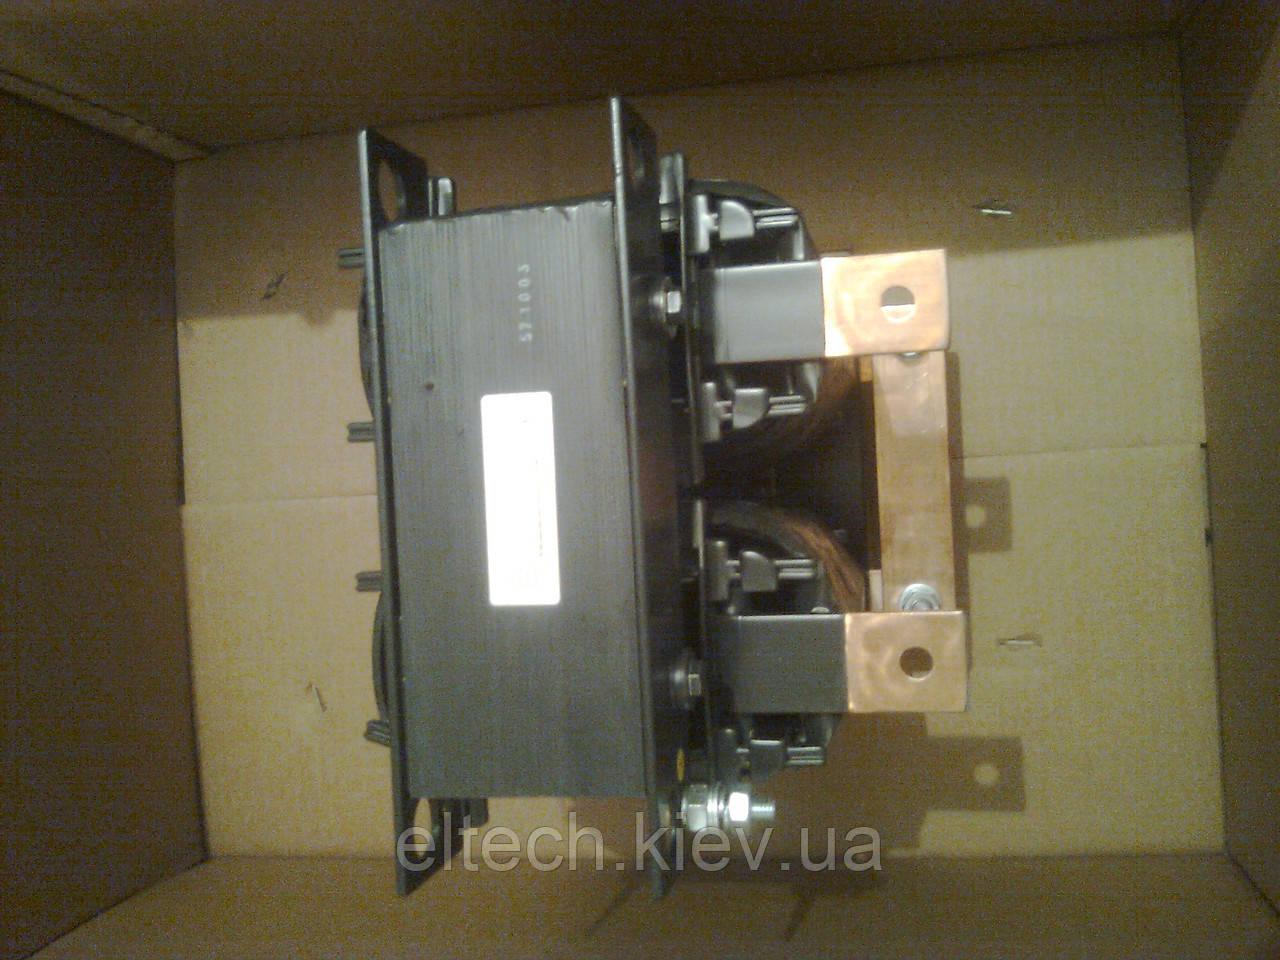 GDS4.5-515-0.115 - DC-дроссель для SJ700-1850HFE2 185кВт